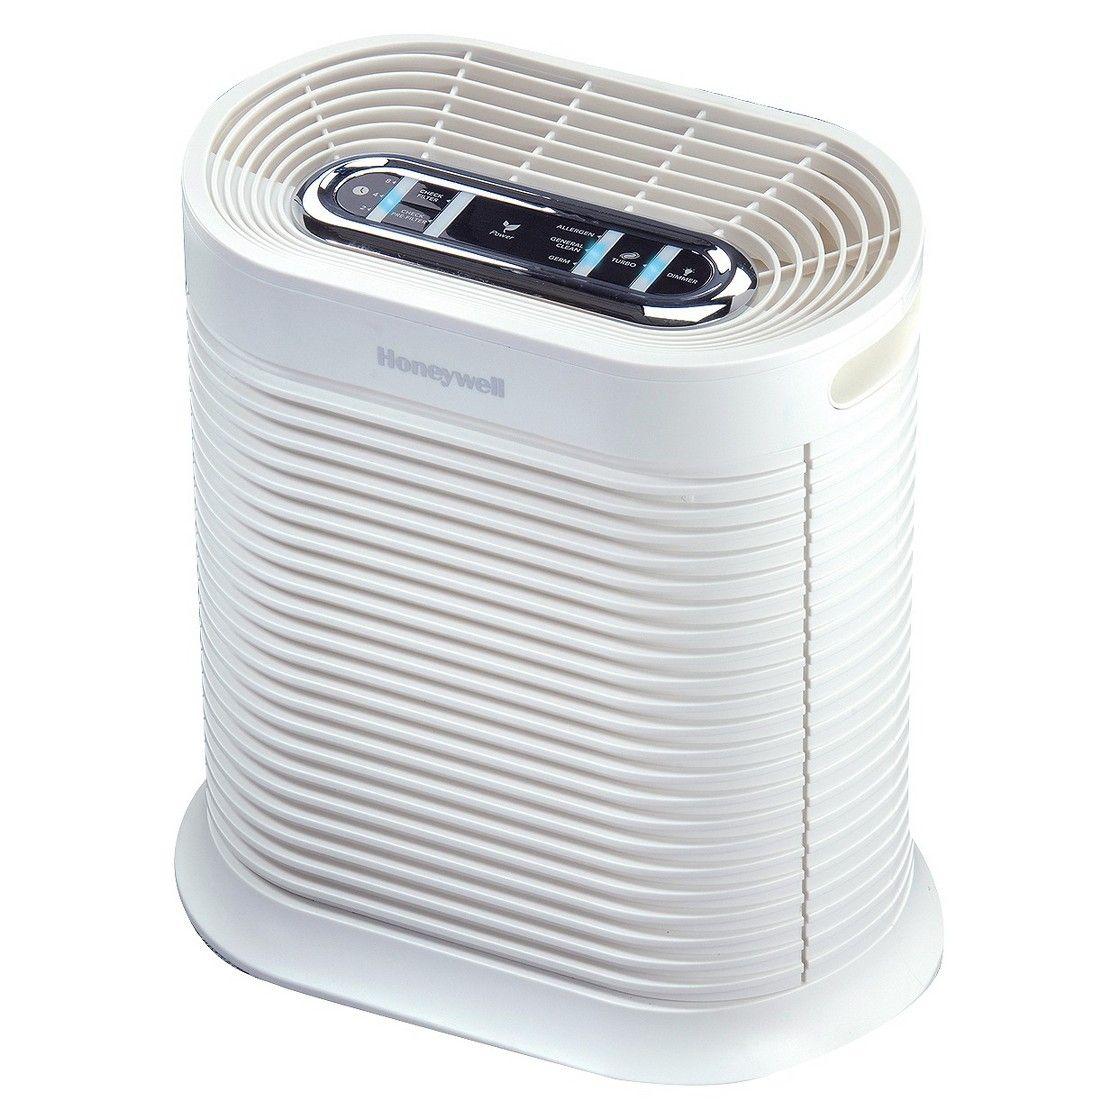 Honeywell HPA105TGTV2 True HEPA Air Purifier White